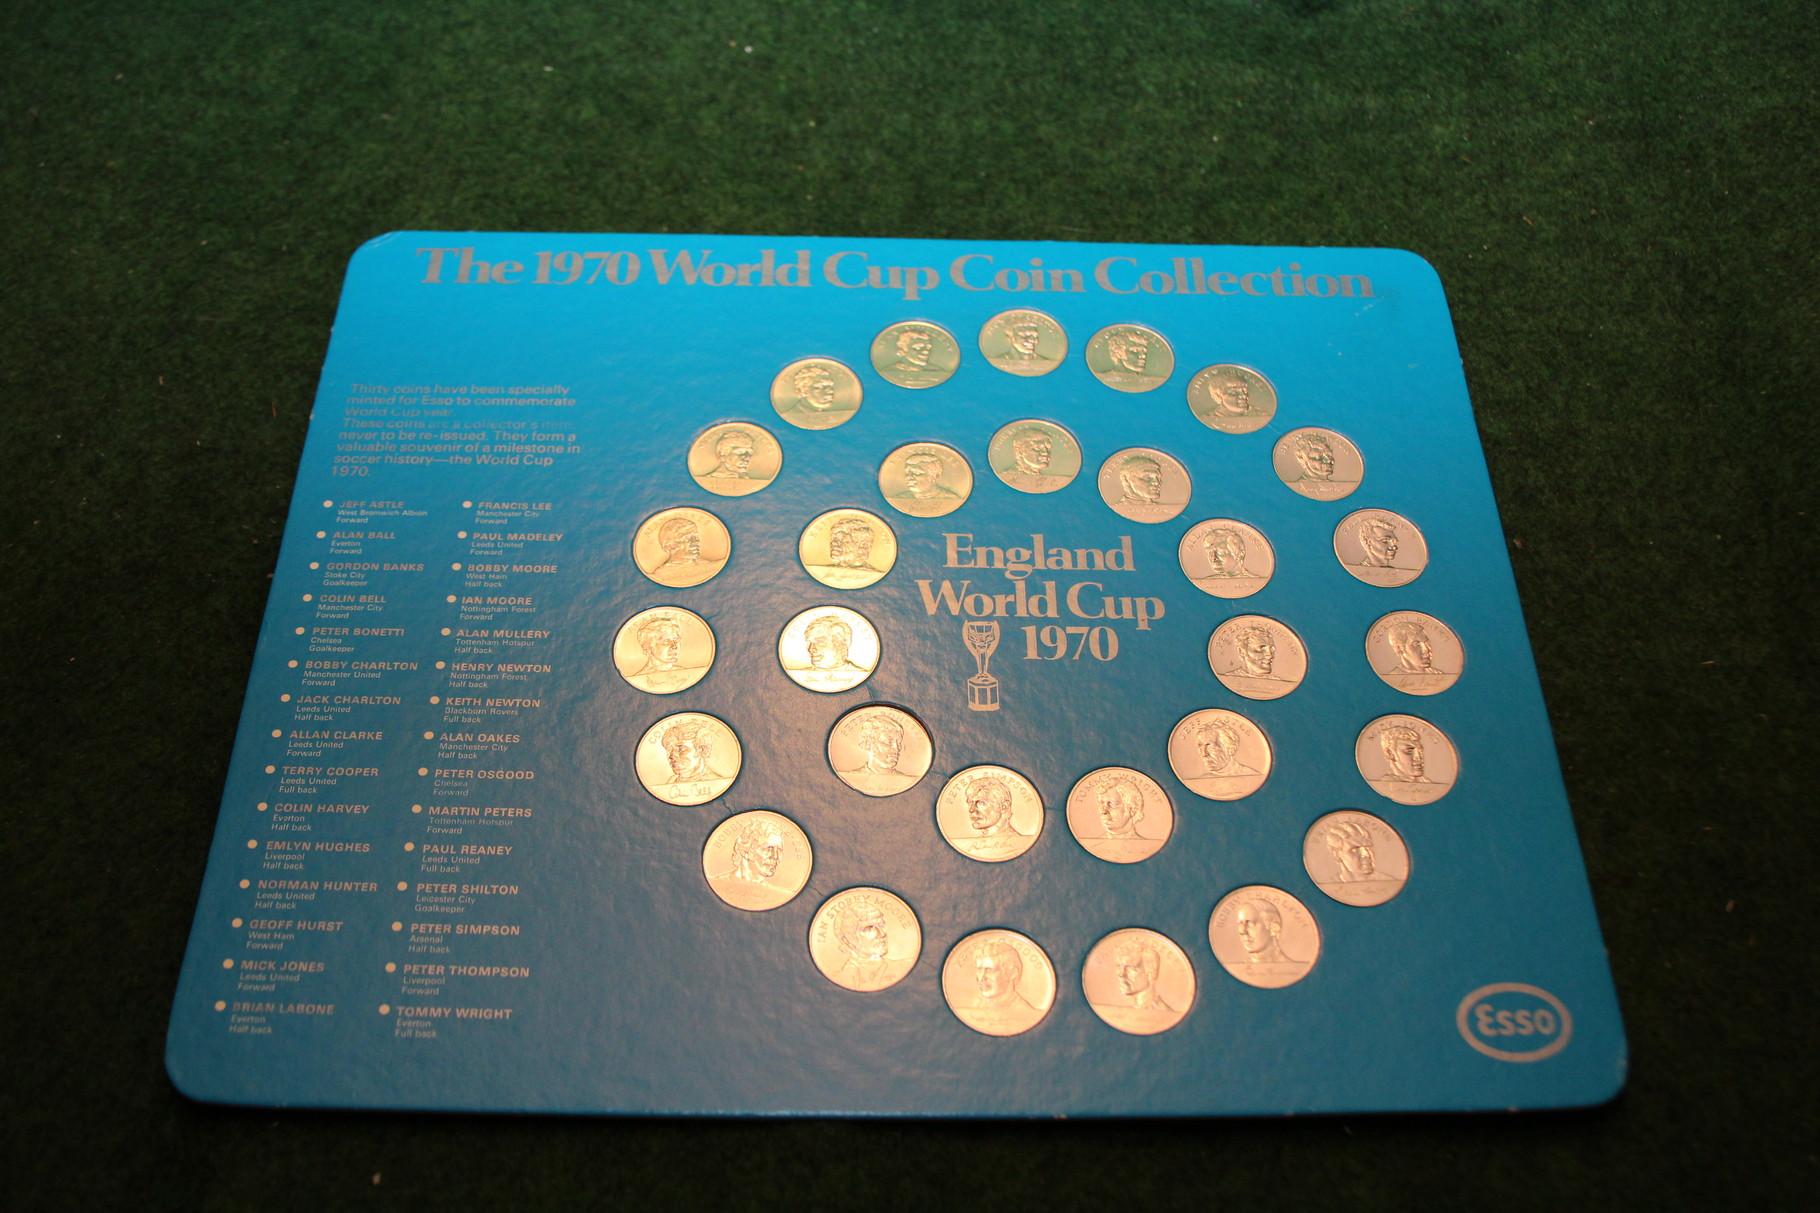 Sammelmünzen zur Weltmeisterschaft 1970 in Mexiko der englischen Spieler.